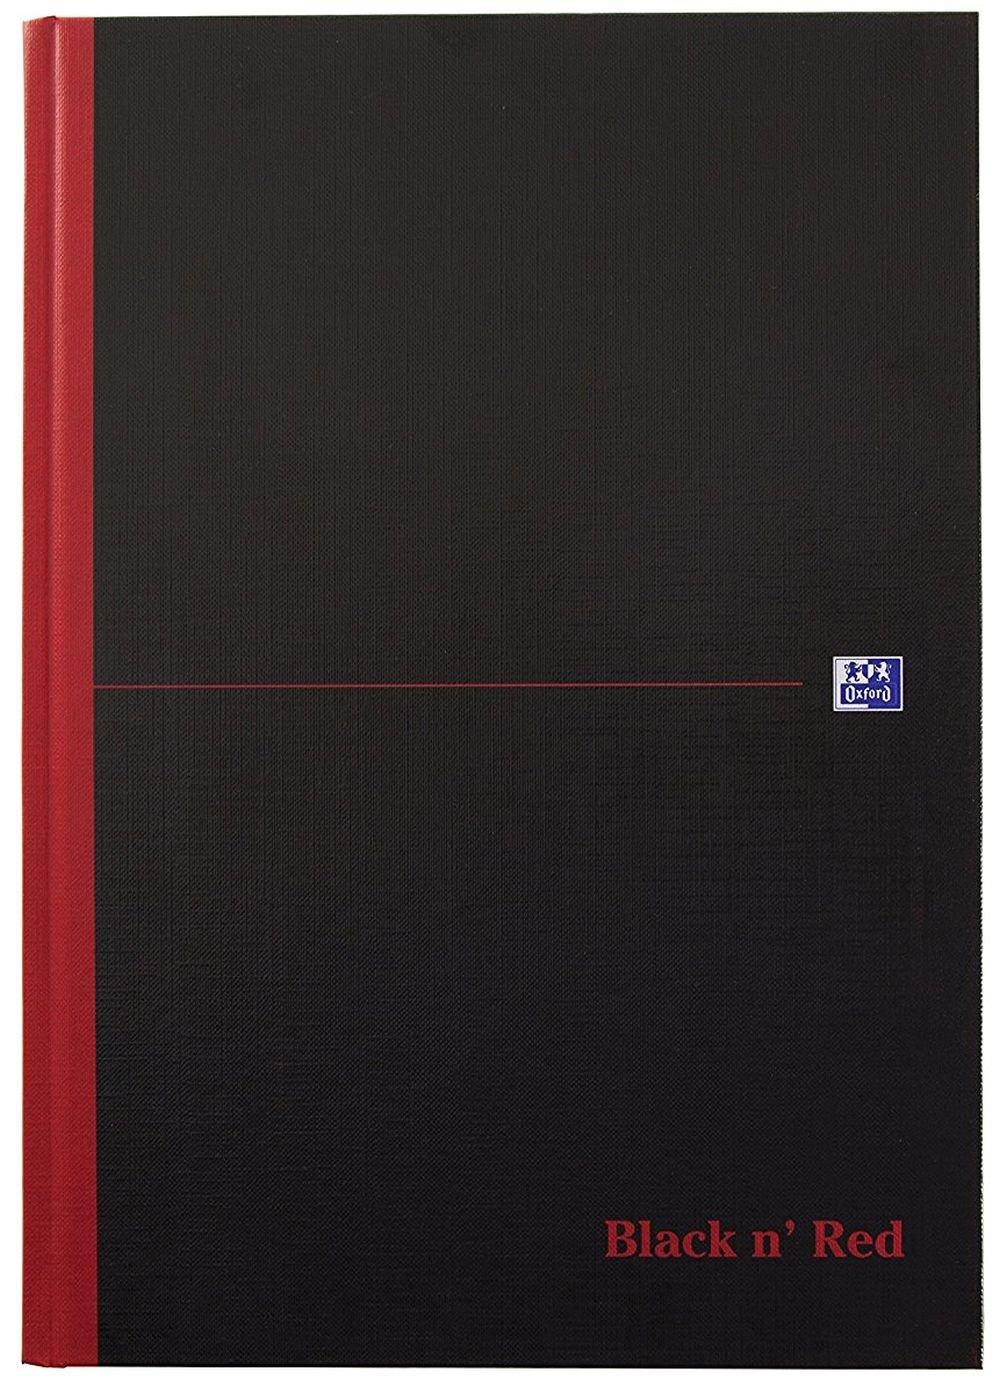 Oxford 400047656 Spiralbuch Black n' Red DIN A5 kariert flexibler Deckel 70 Blatt schwarz/rot Notizblock Schreibblock Collegeblock Hamelin GmbH